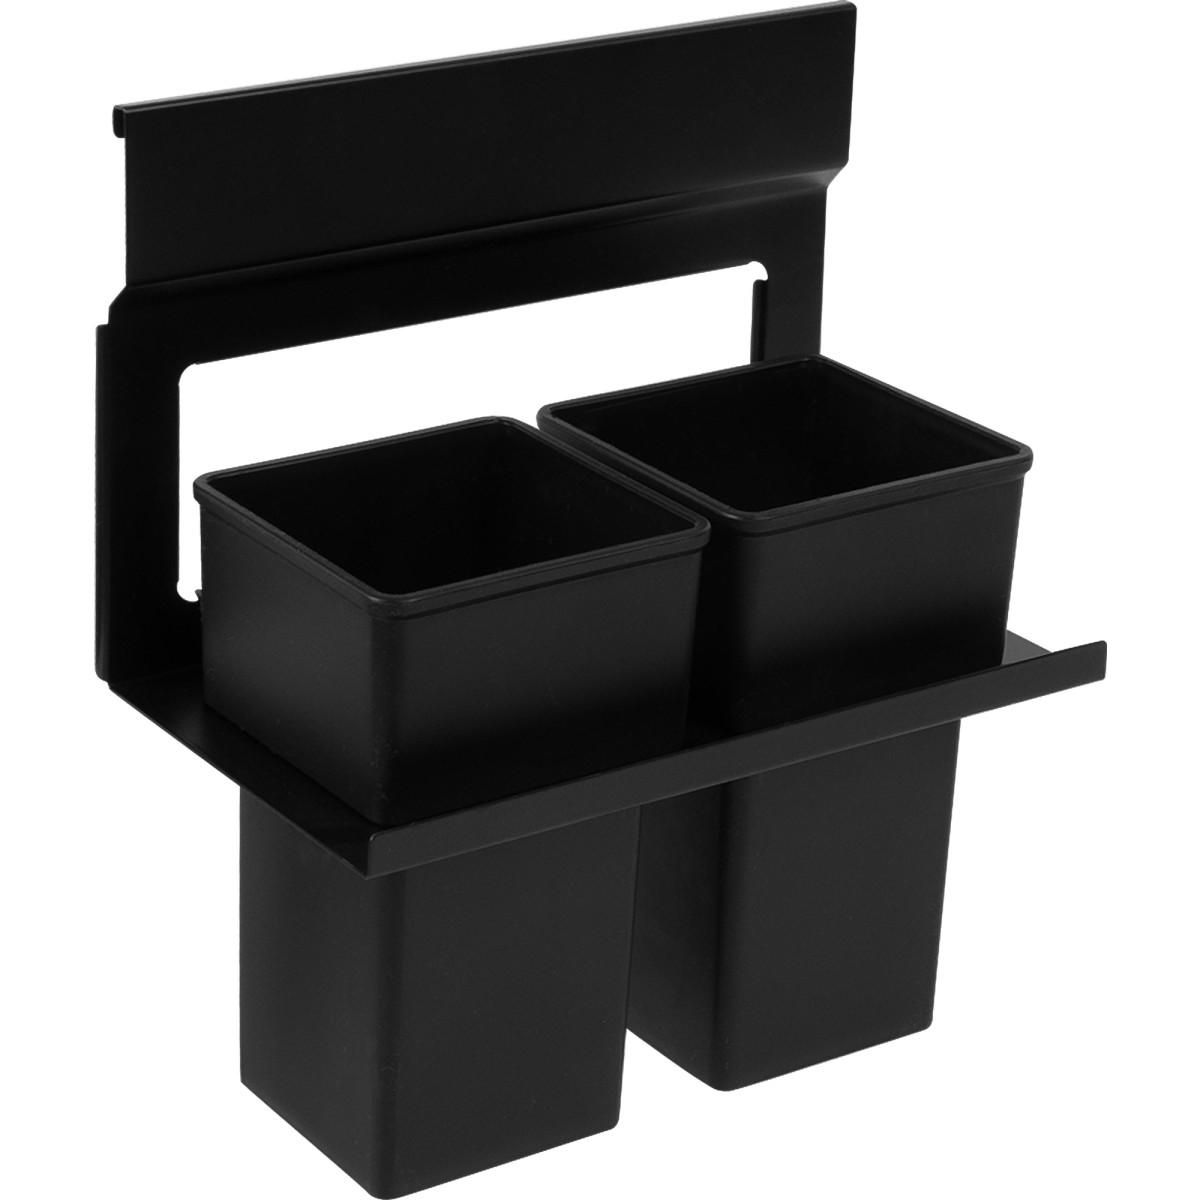 Держатель двух стаканов Lund для рейлинга металл/пластик цвет черный